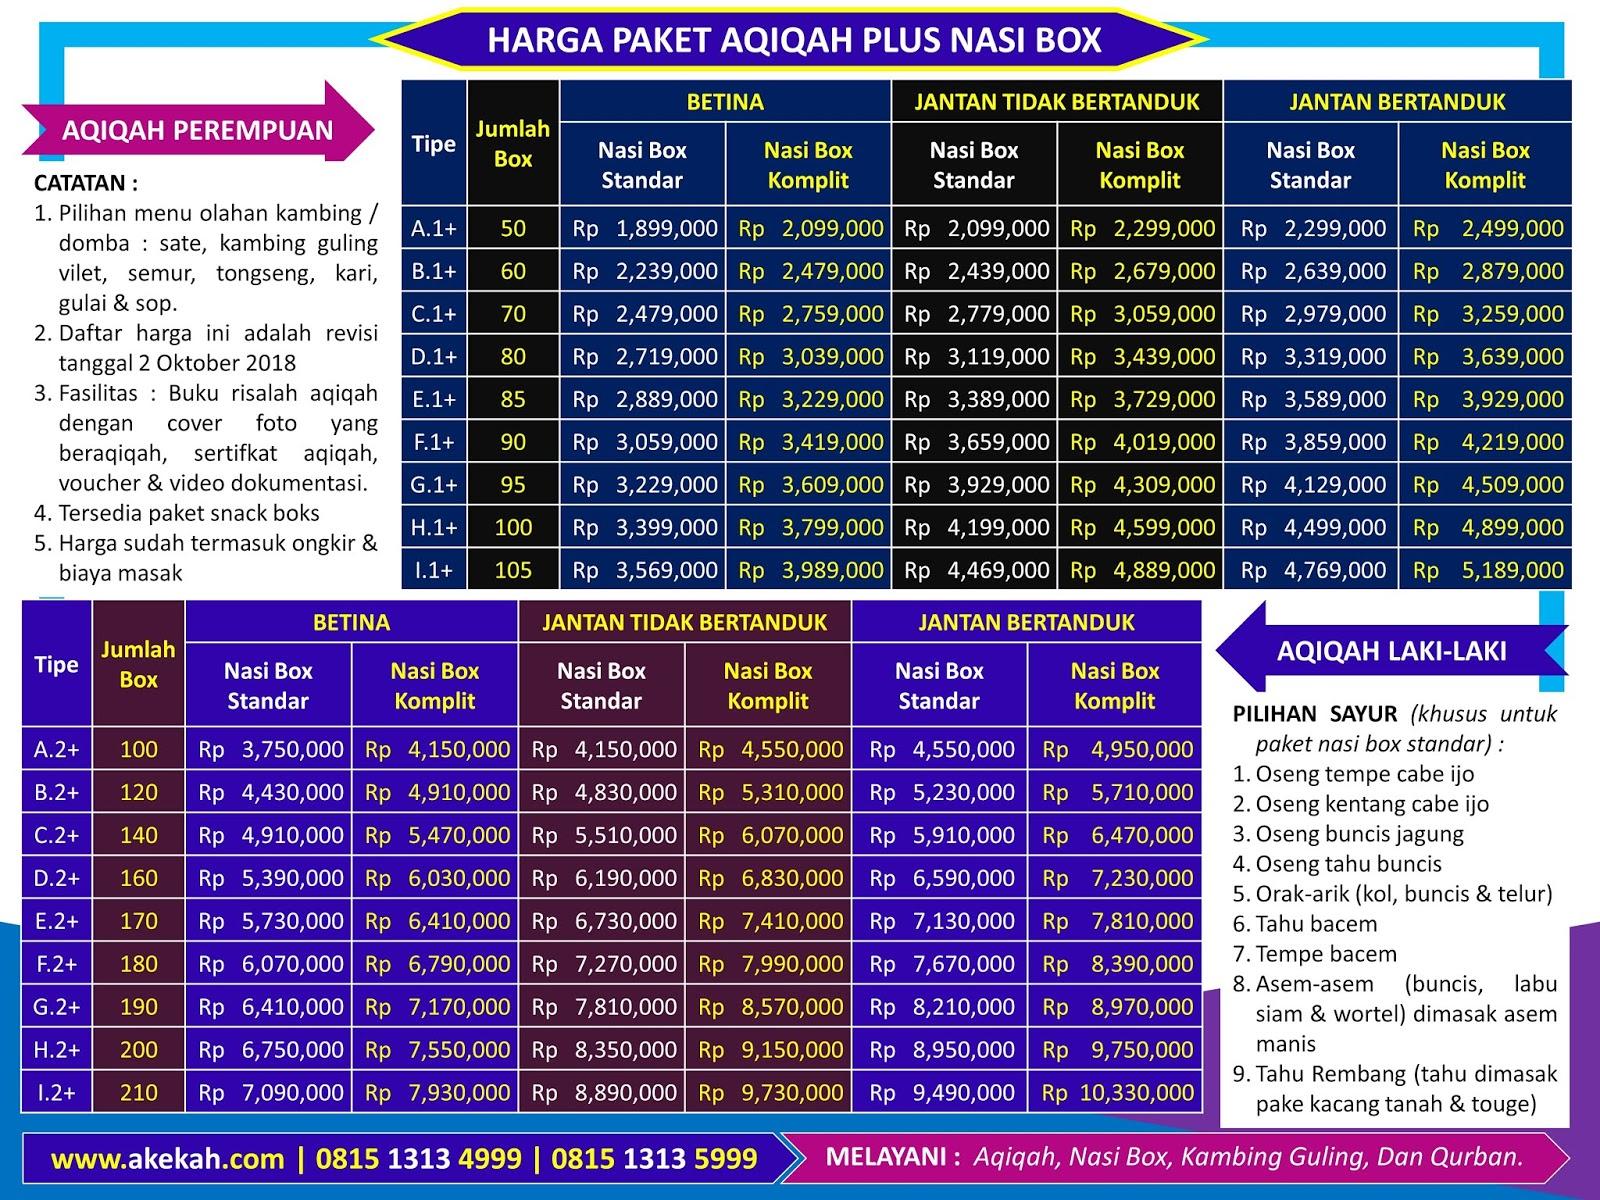 Harga Paket Aqiqah Murah Untuk Anak Daerah Bogor